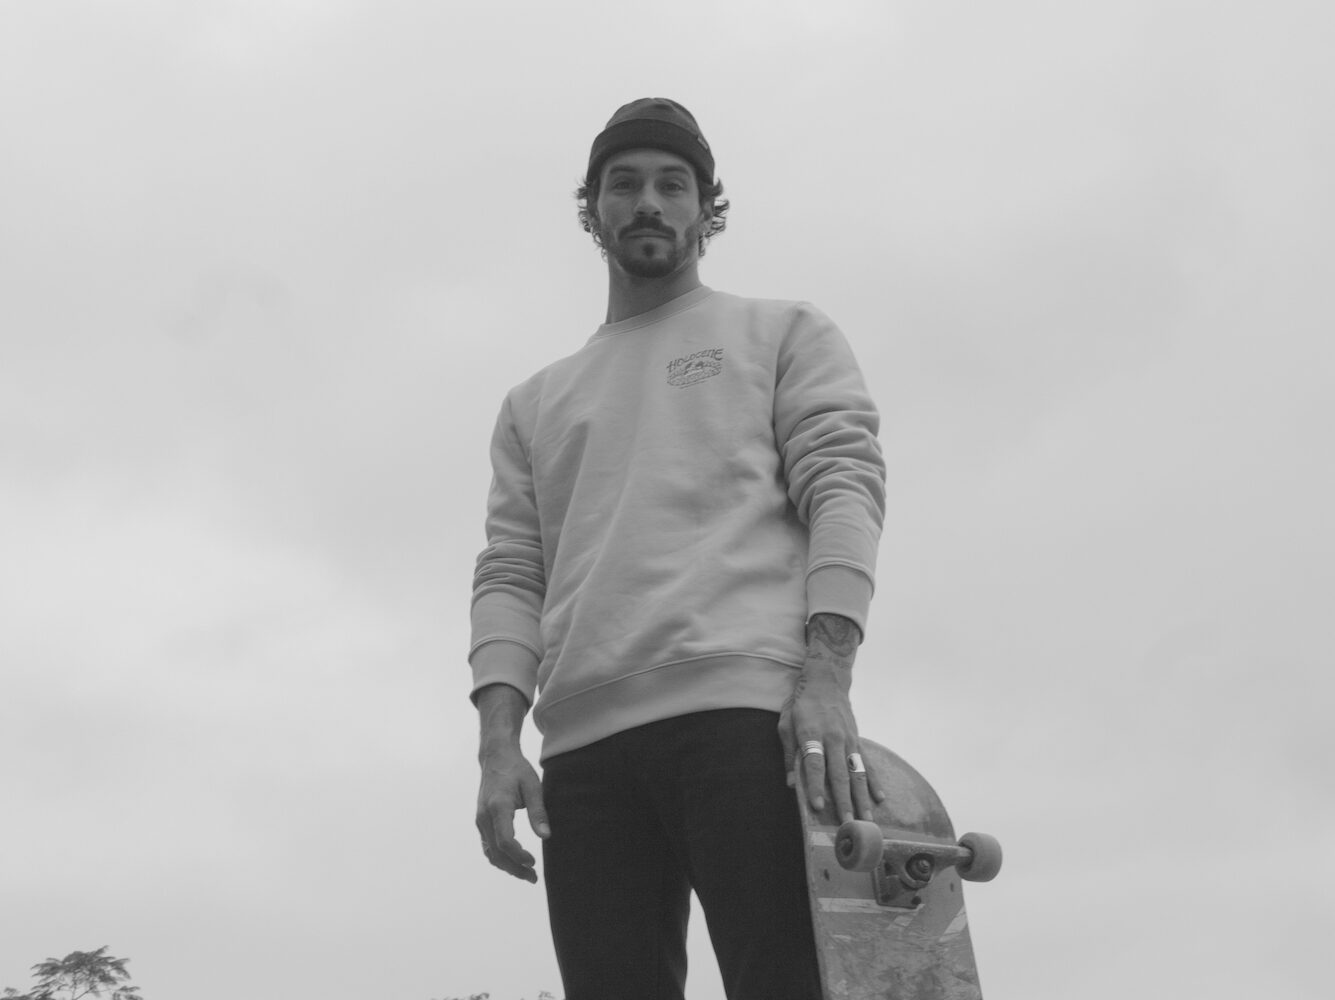 Surfer | Snowboarder